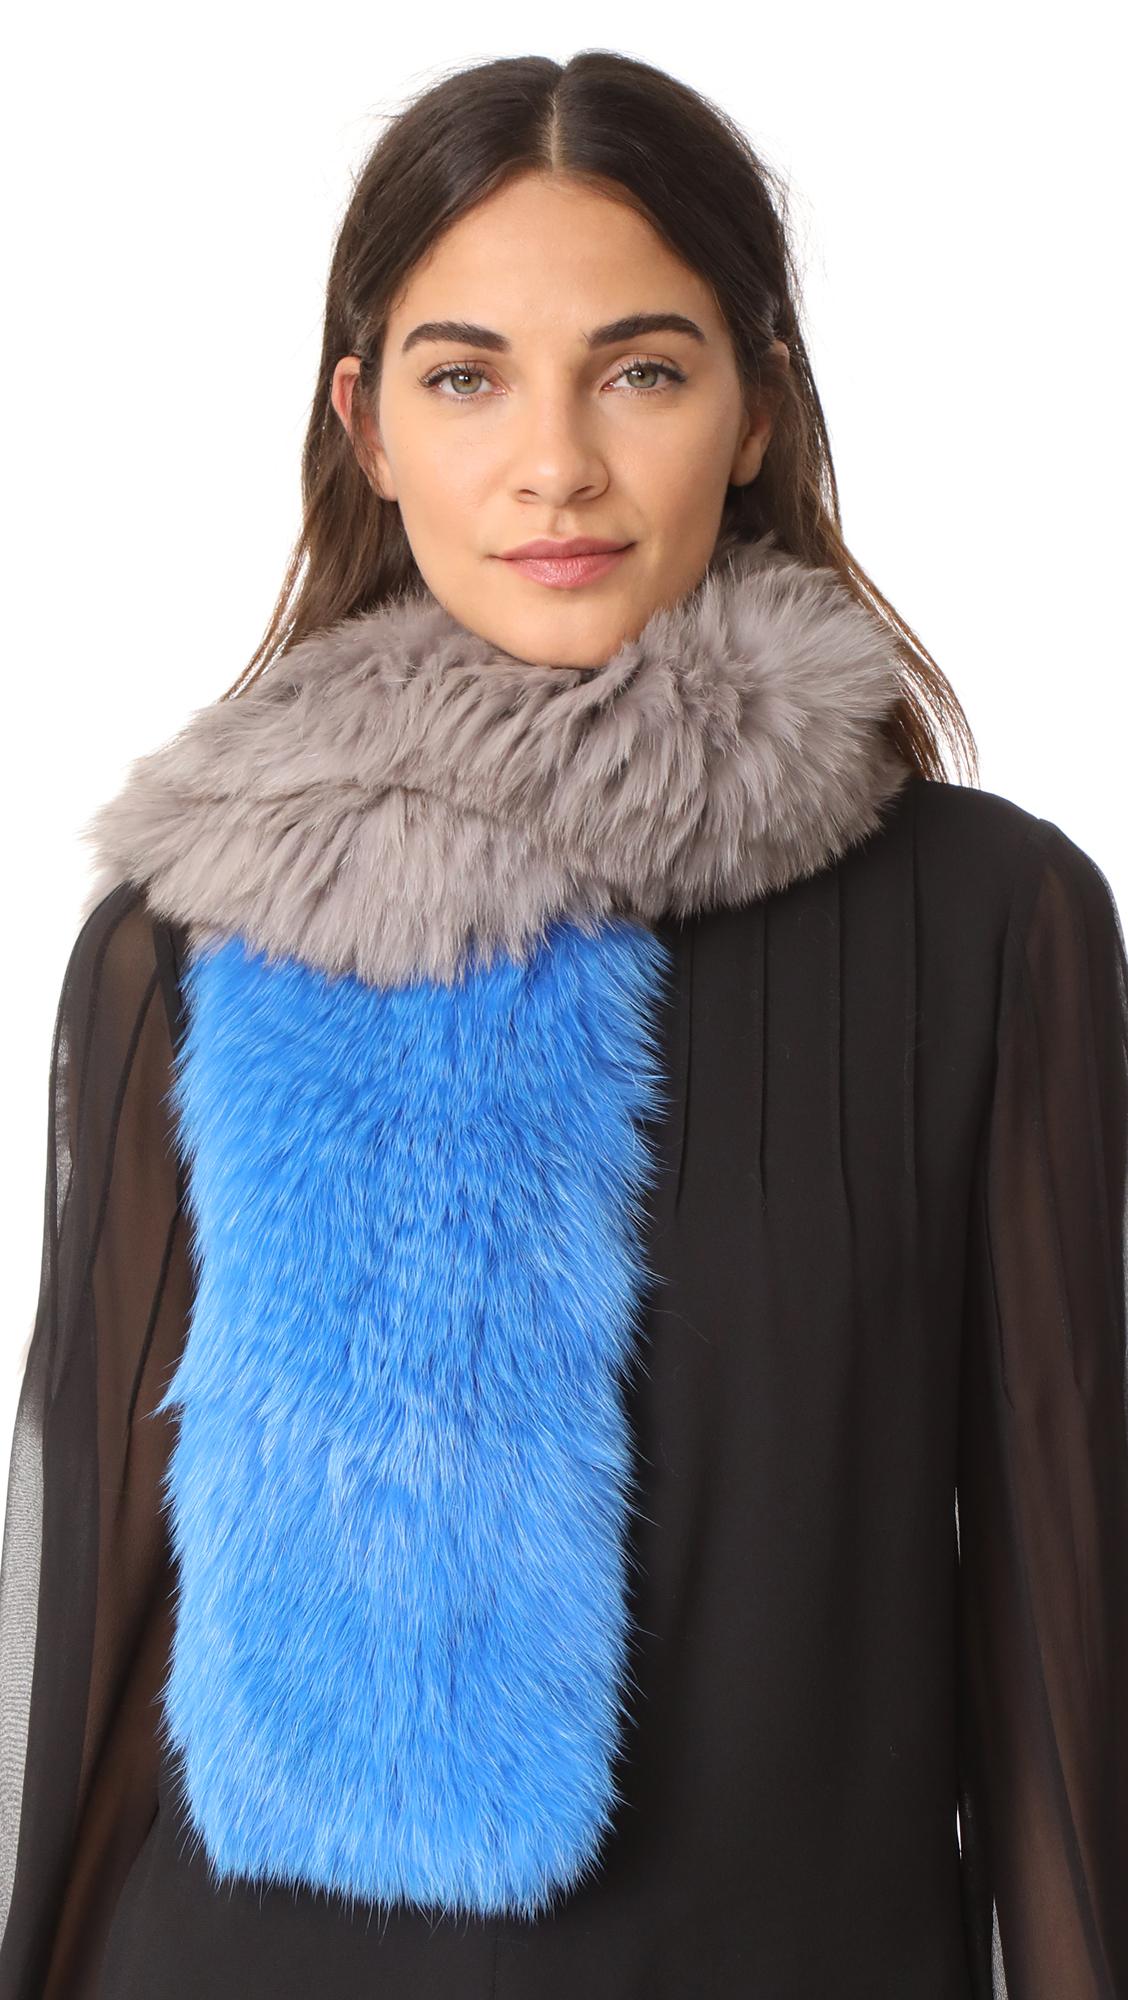 Adrienne Landau Two Tone Knit Fox Fur Scarf - Grey Blue